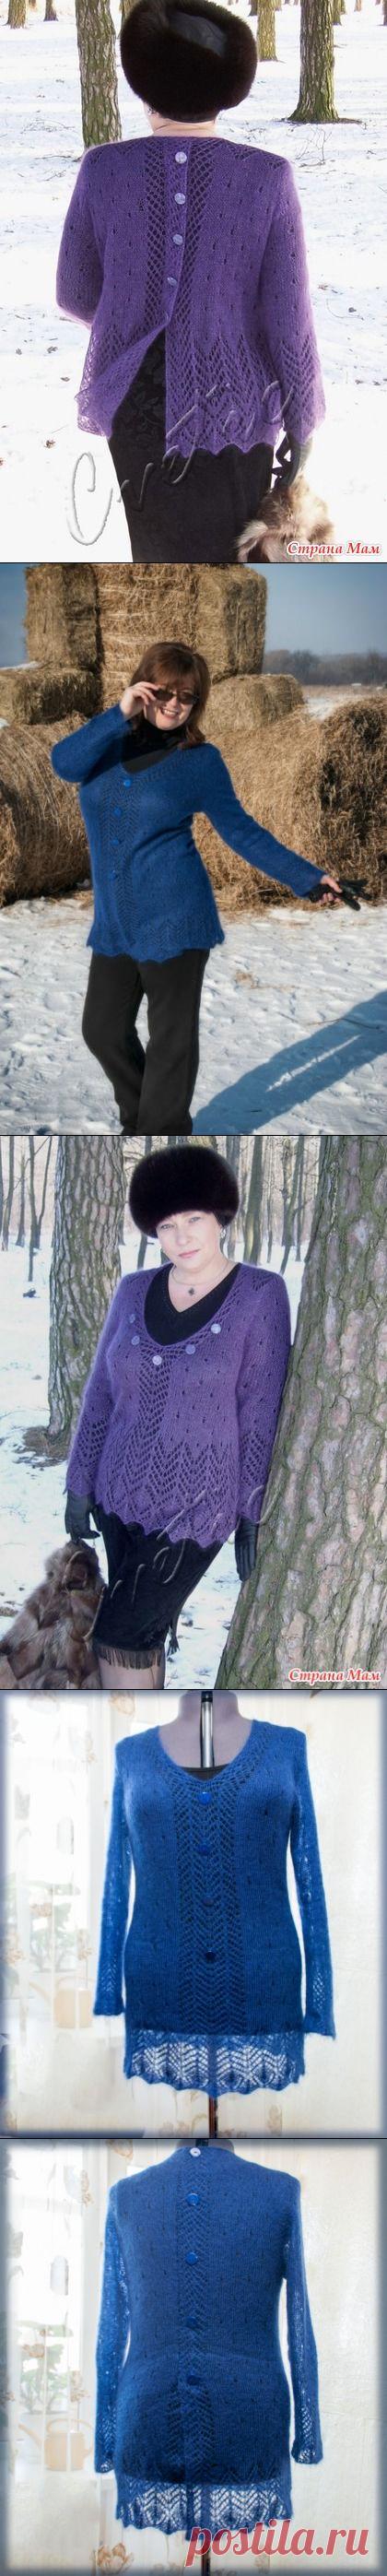 Пуловер и палантин из королевского мохера. - Вязание - Страна Мам